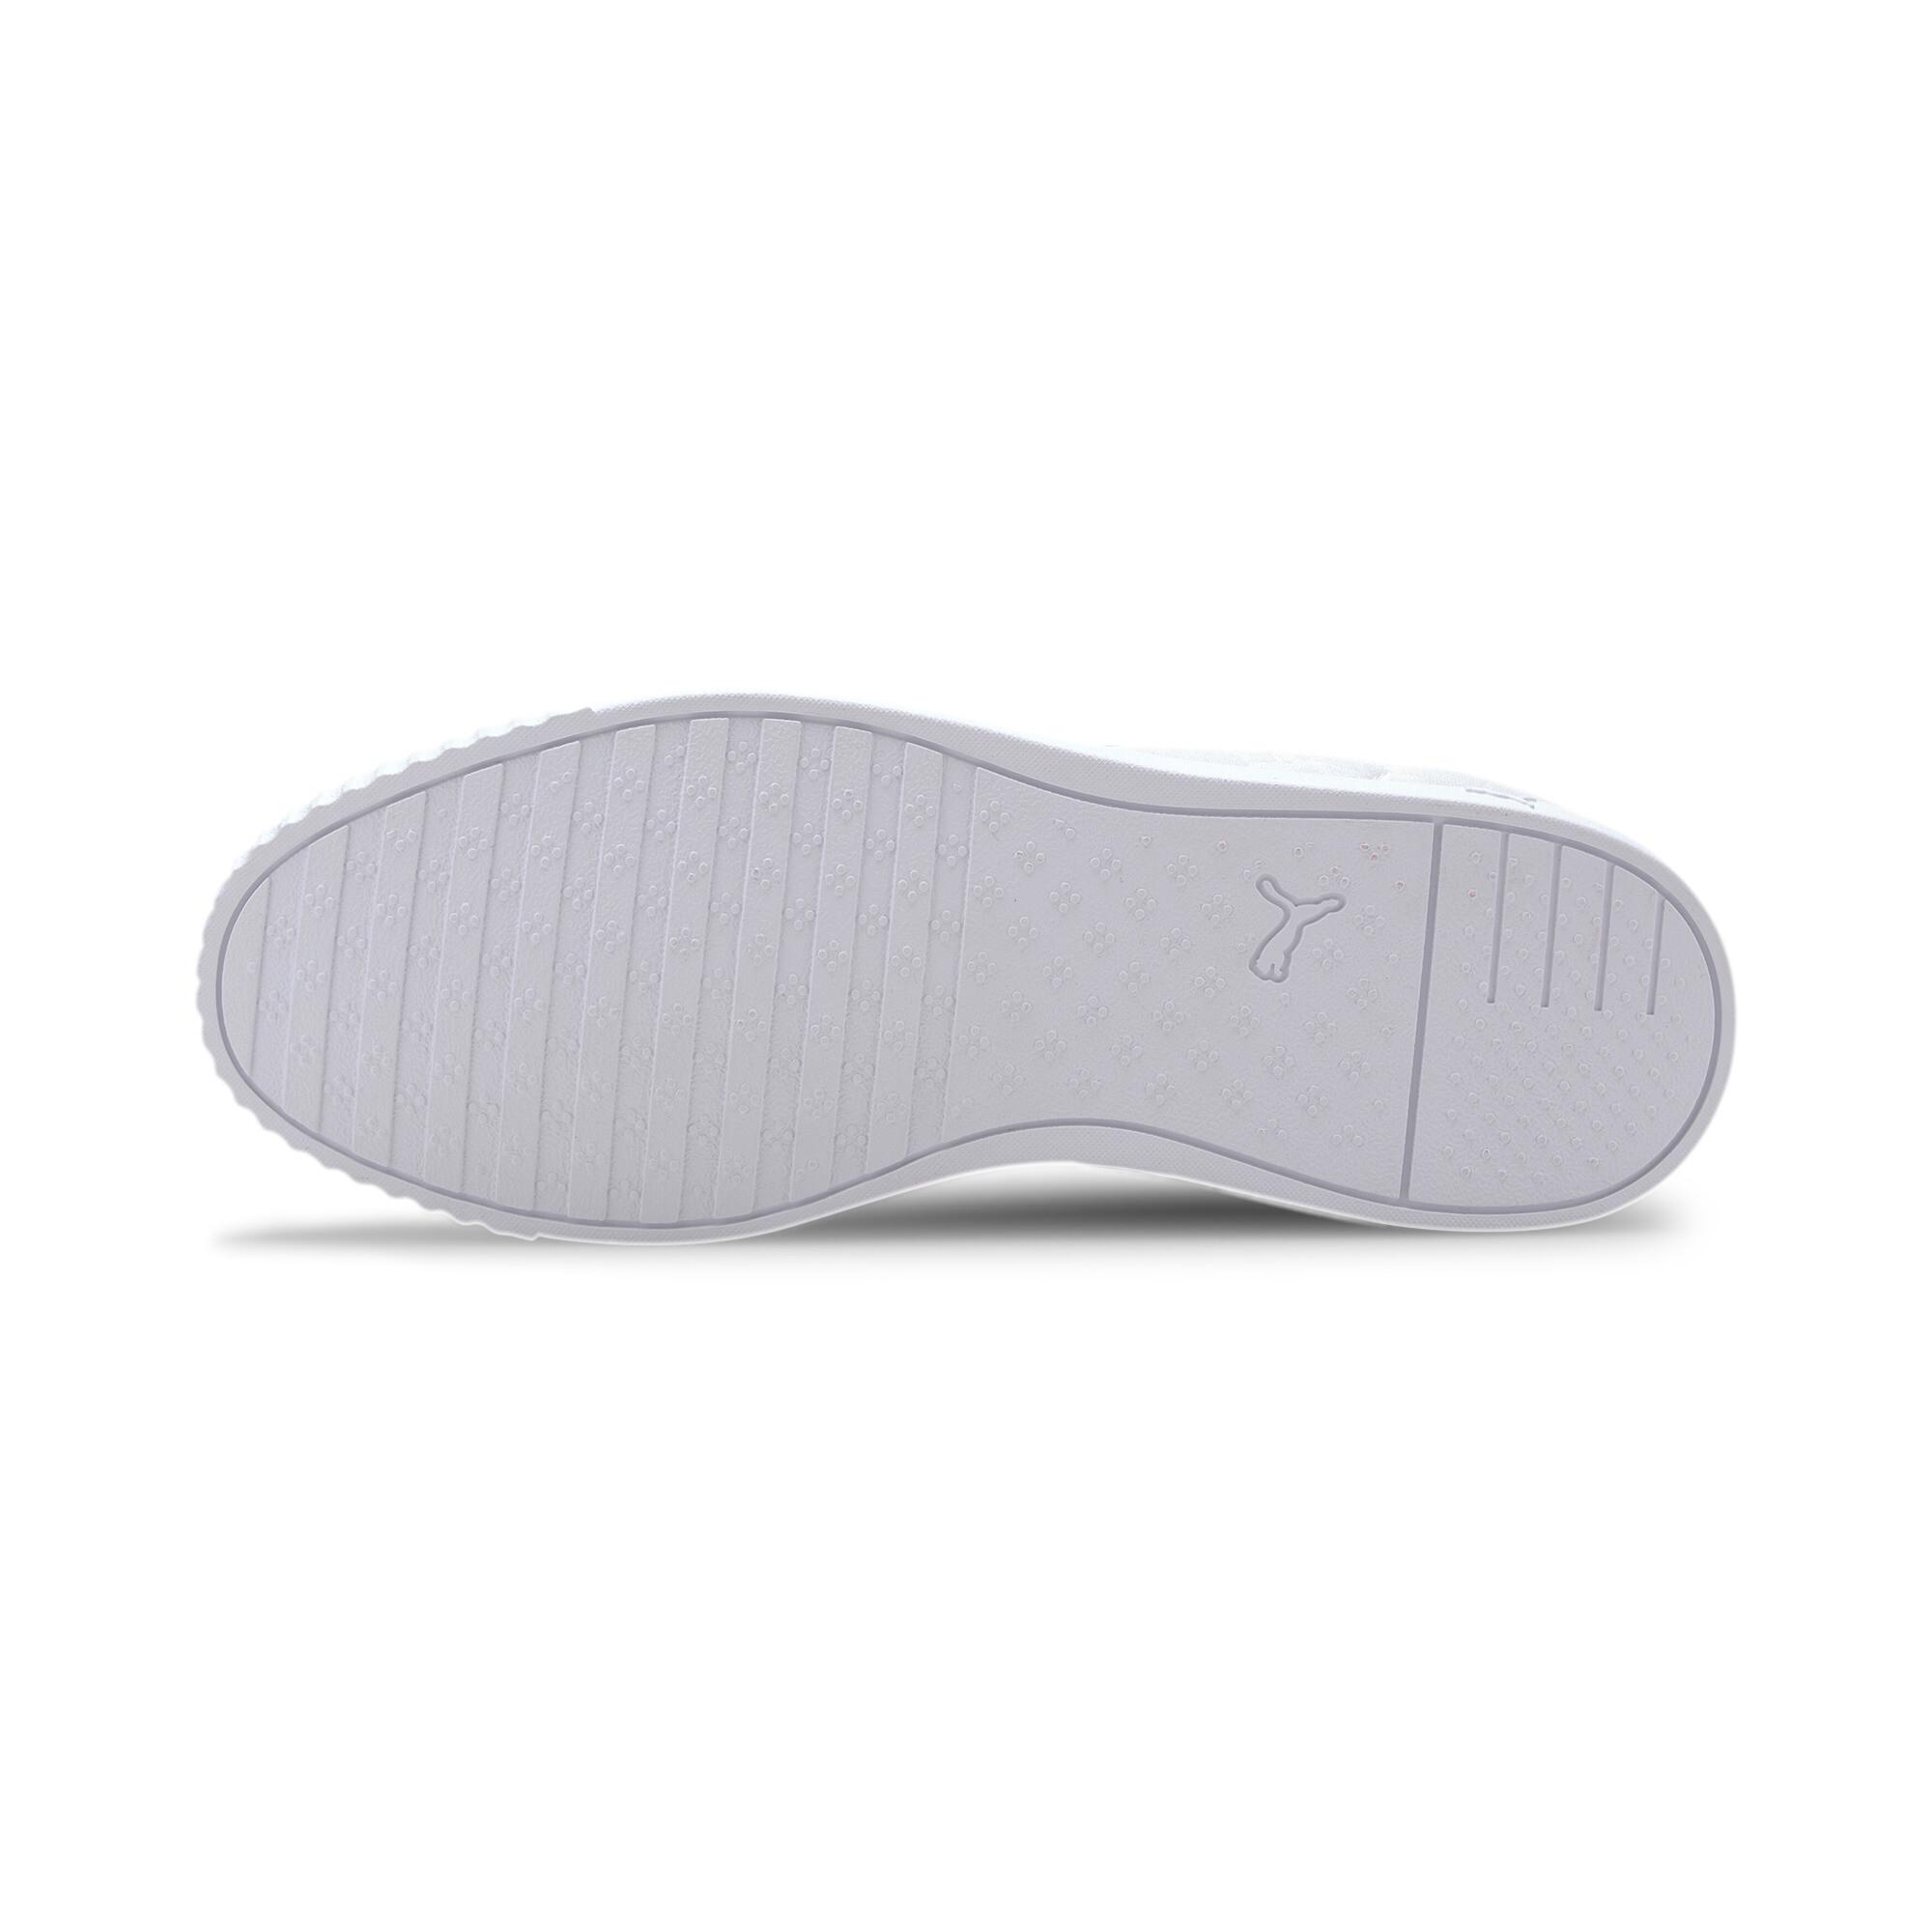 PUMA-Women-039-s-Carina-Slim-Veil-Sneakers thumbnail 6